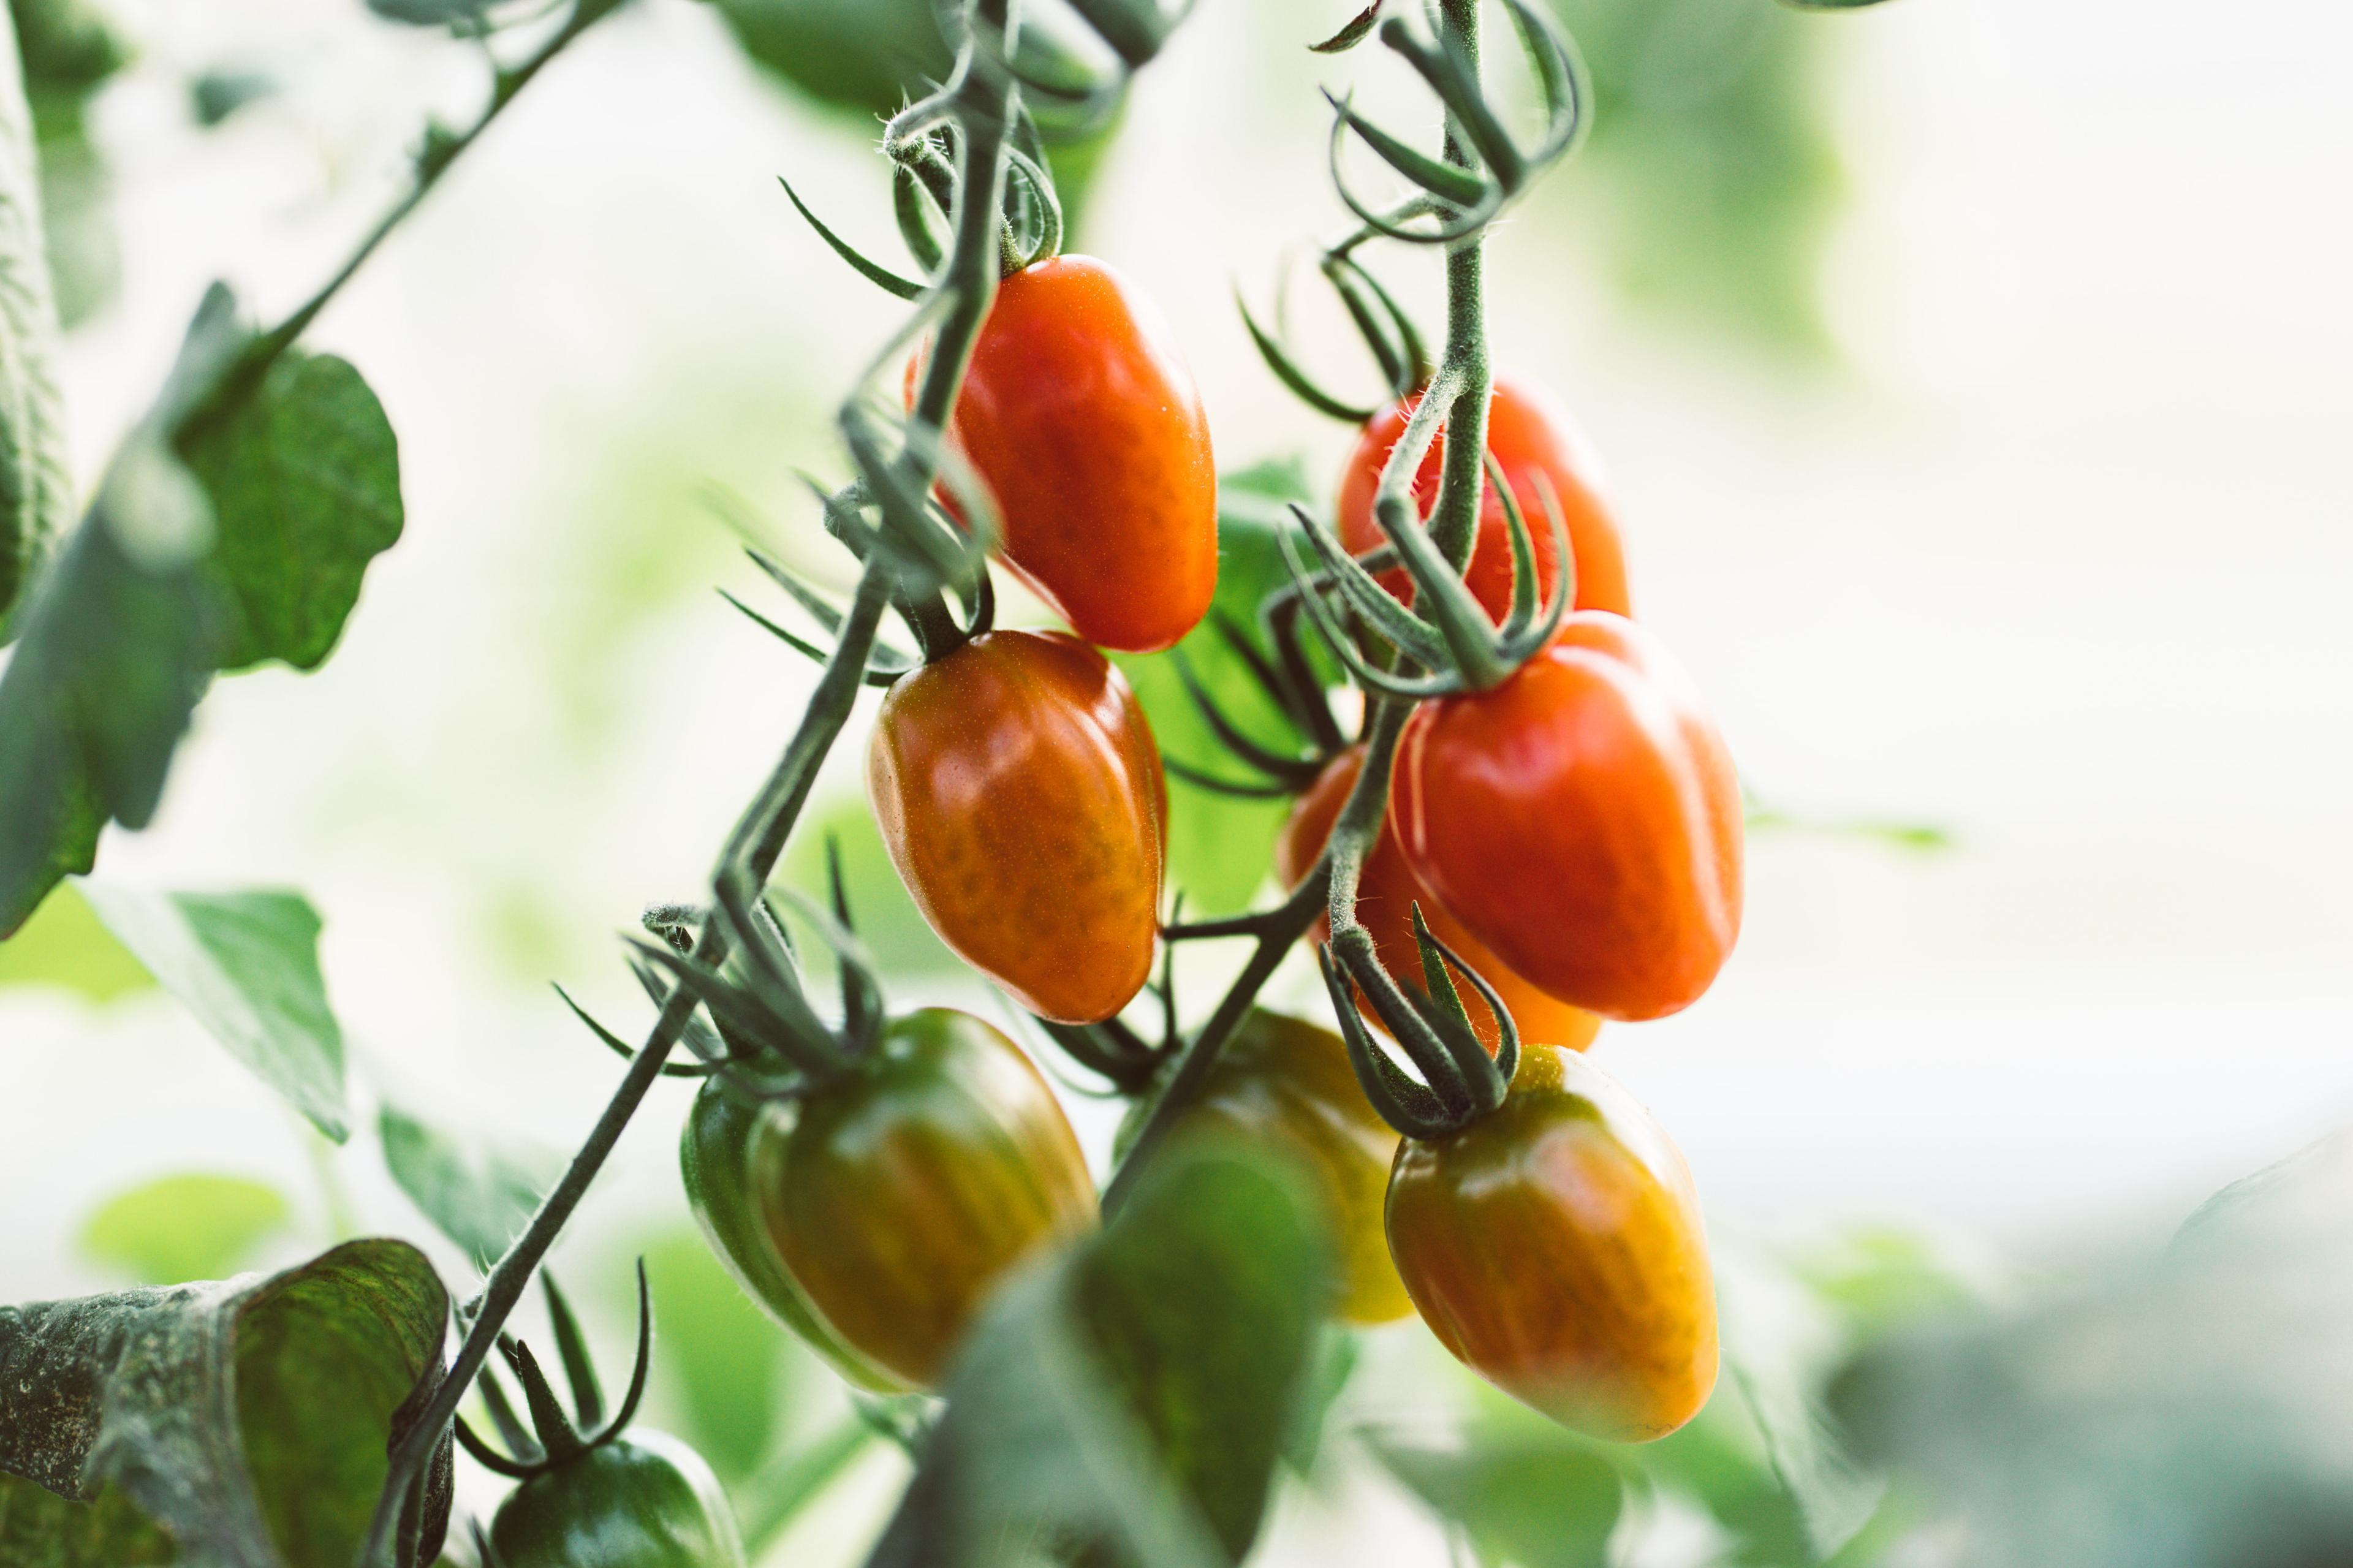 Tomat, agurk og salat - månedens smak i juli